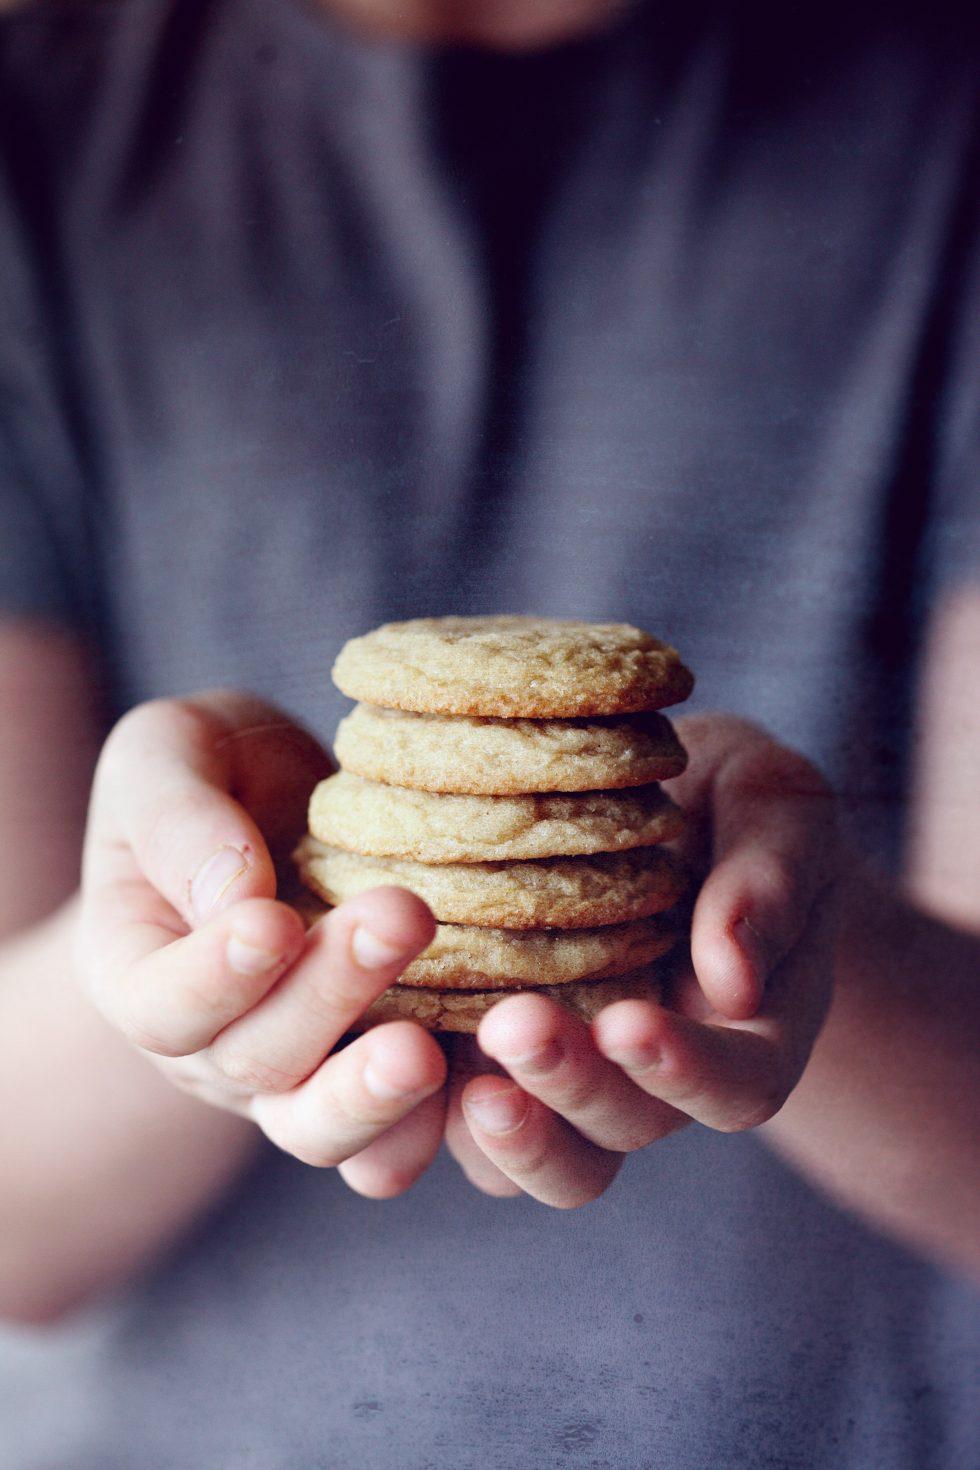 En person håller fram staplade kakor med båda händerna